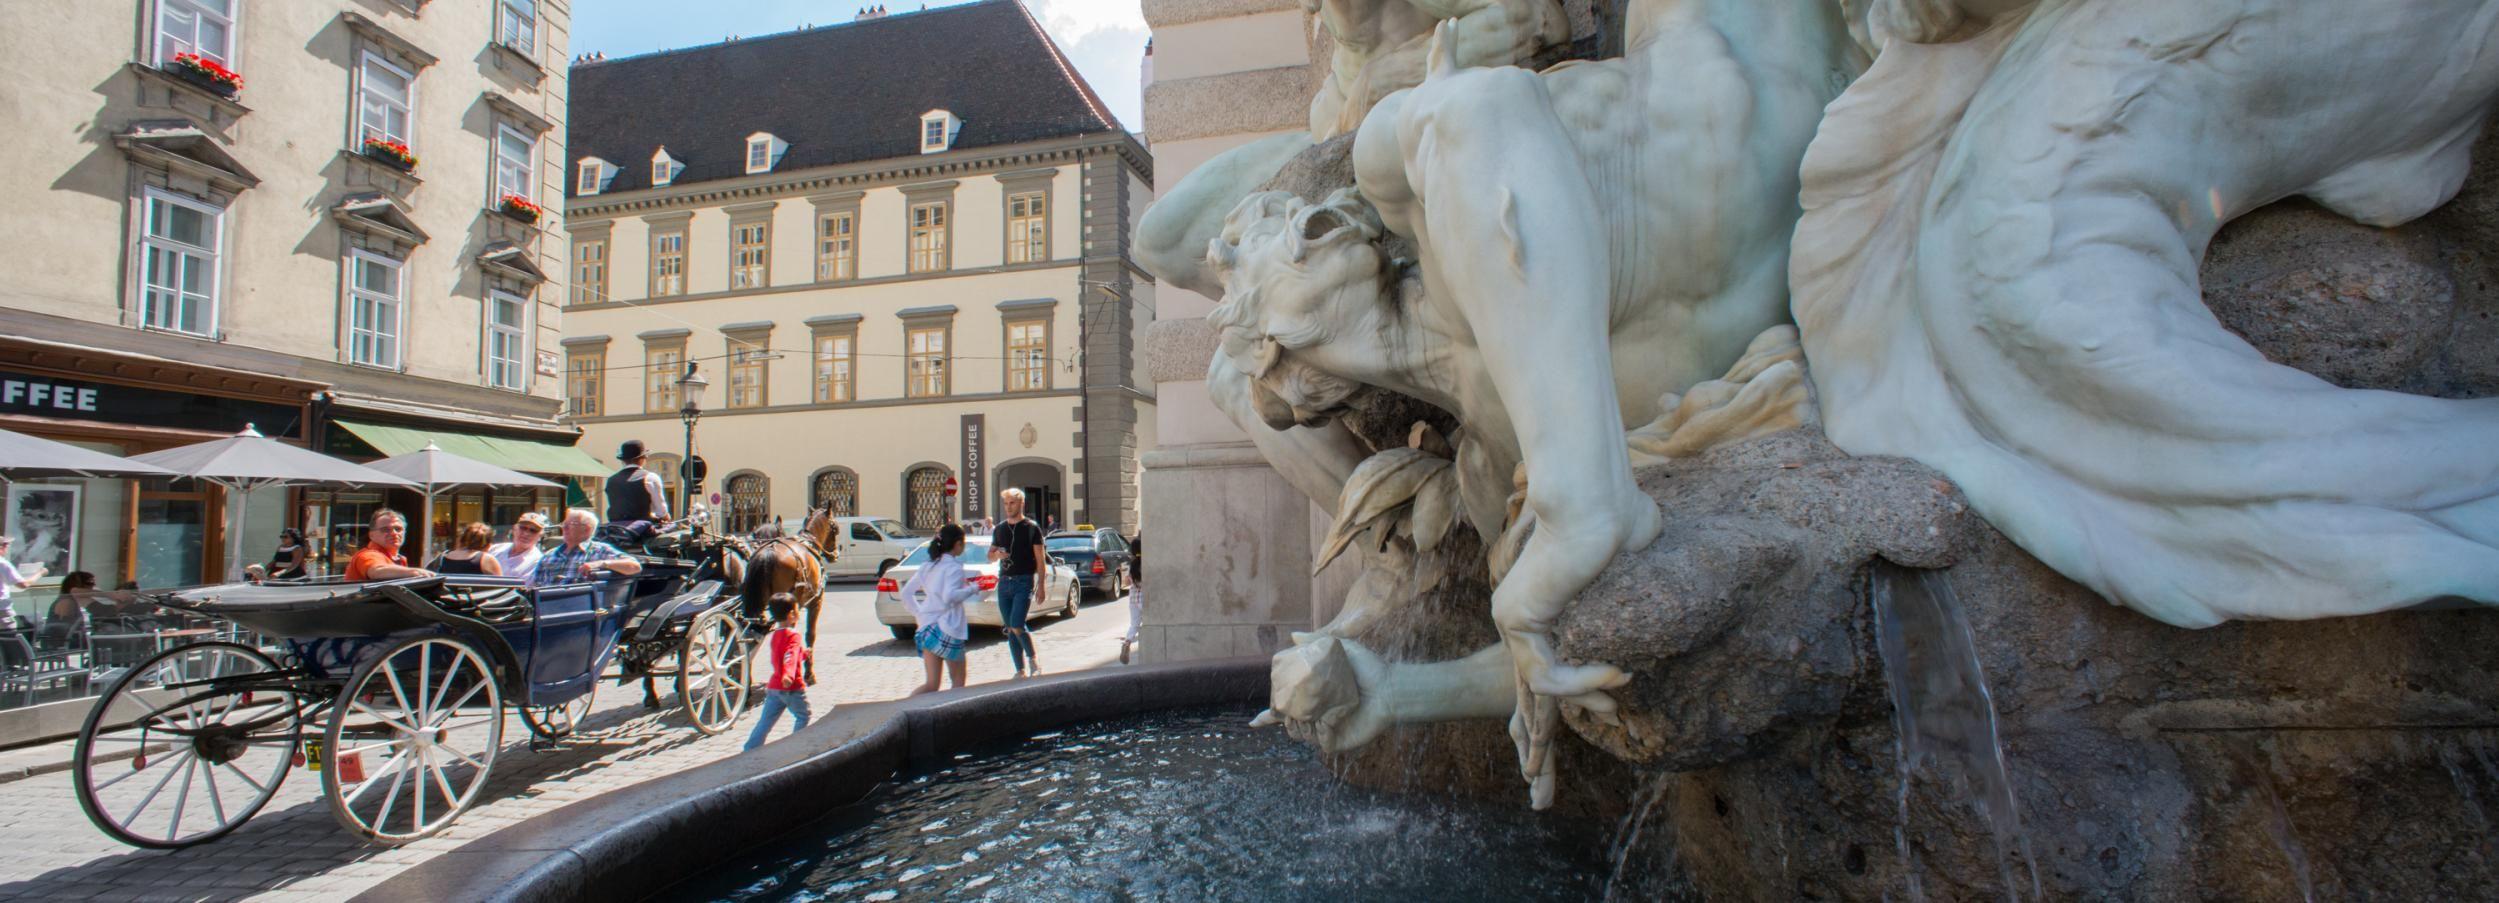 Stadtspaziergang: Wien auf den Ersten Blick